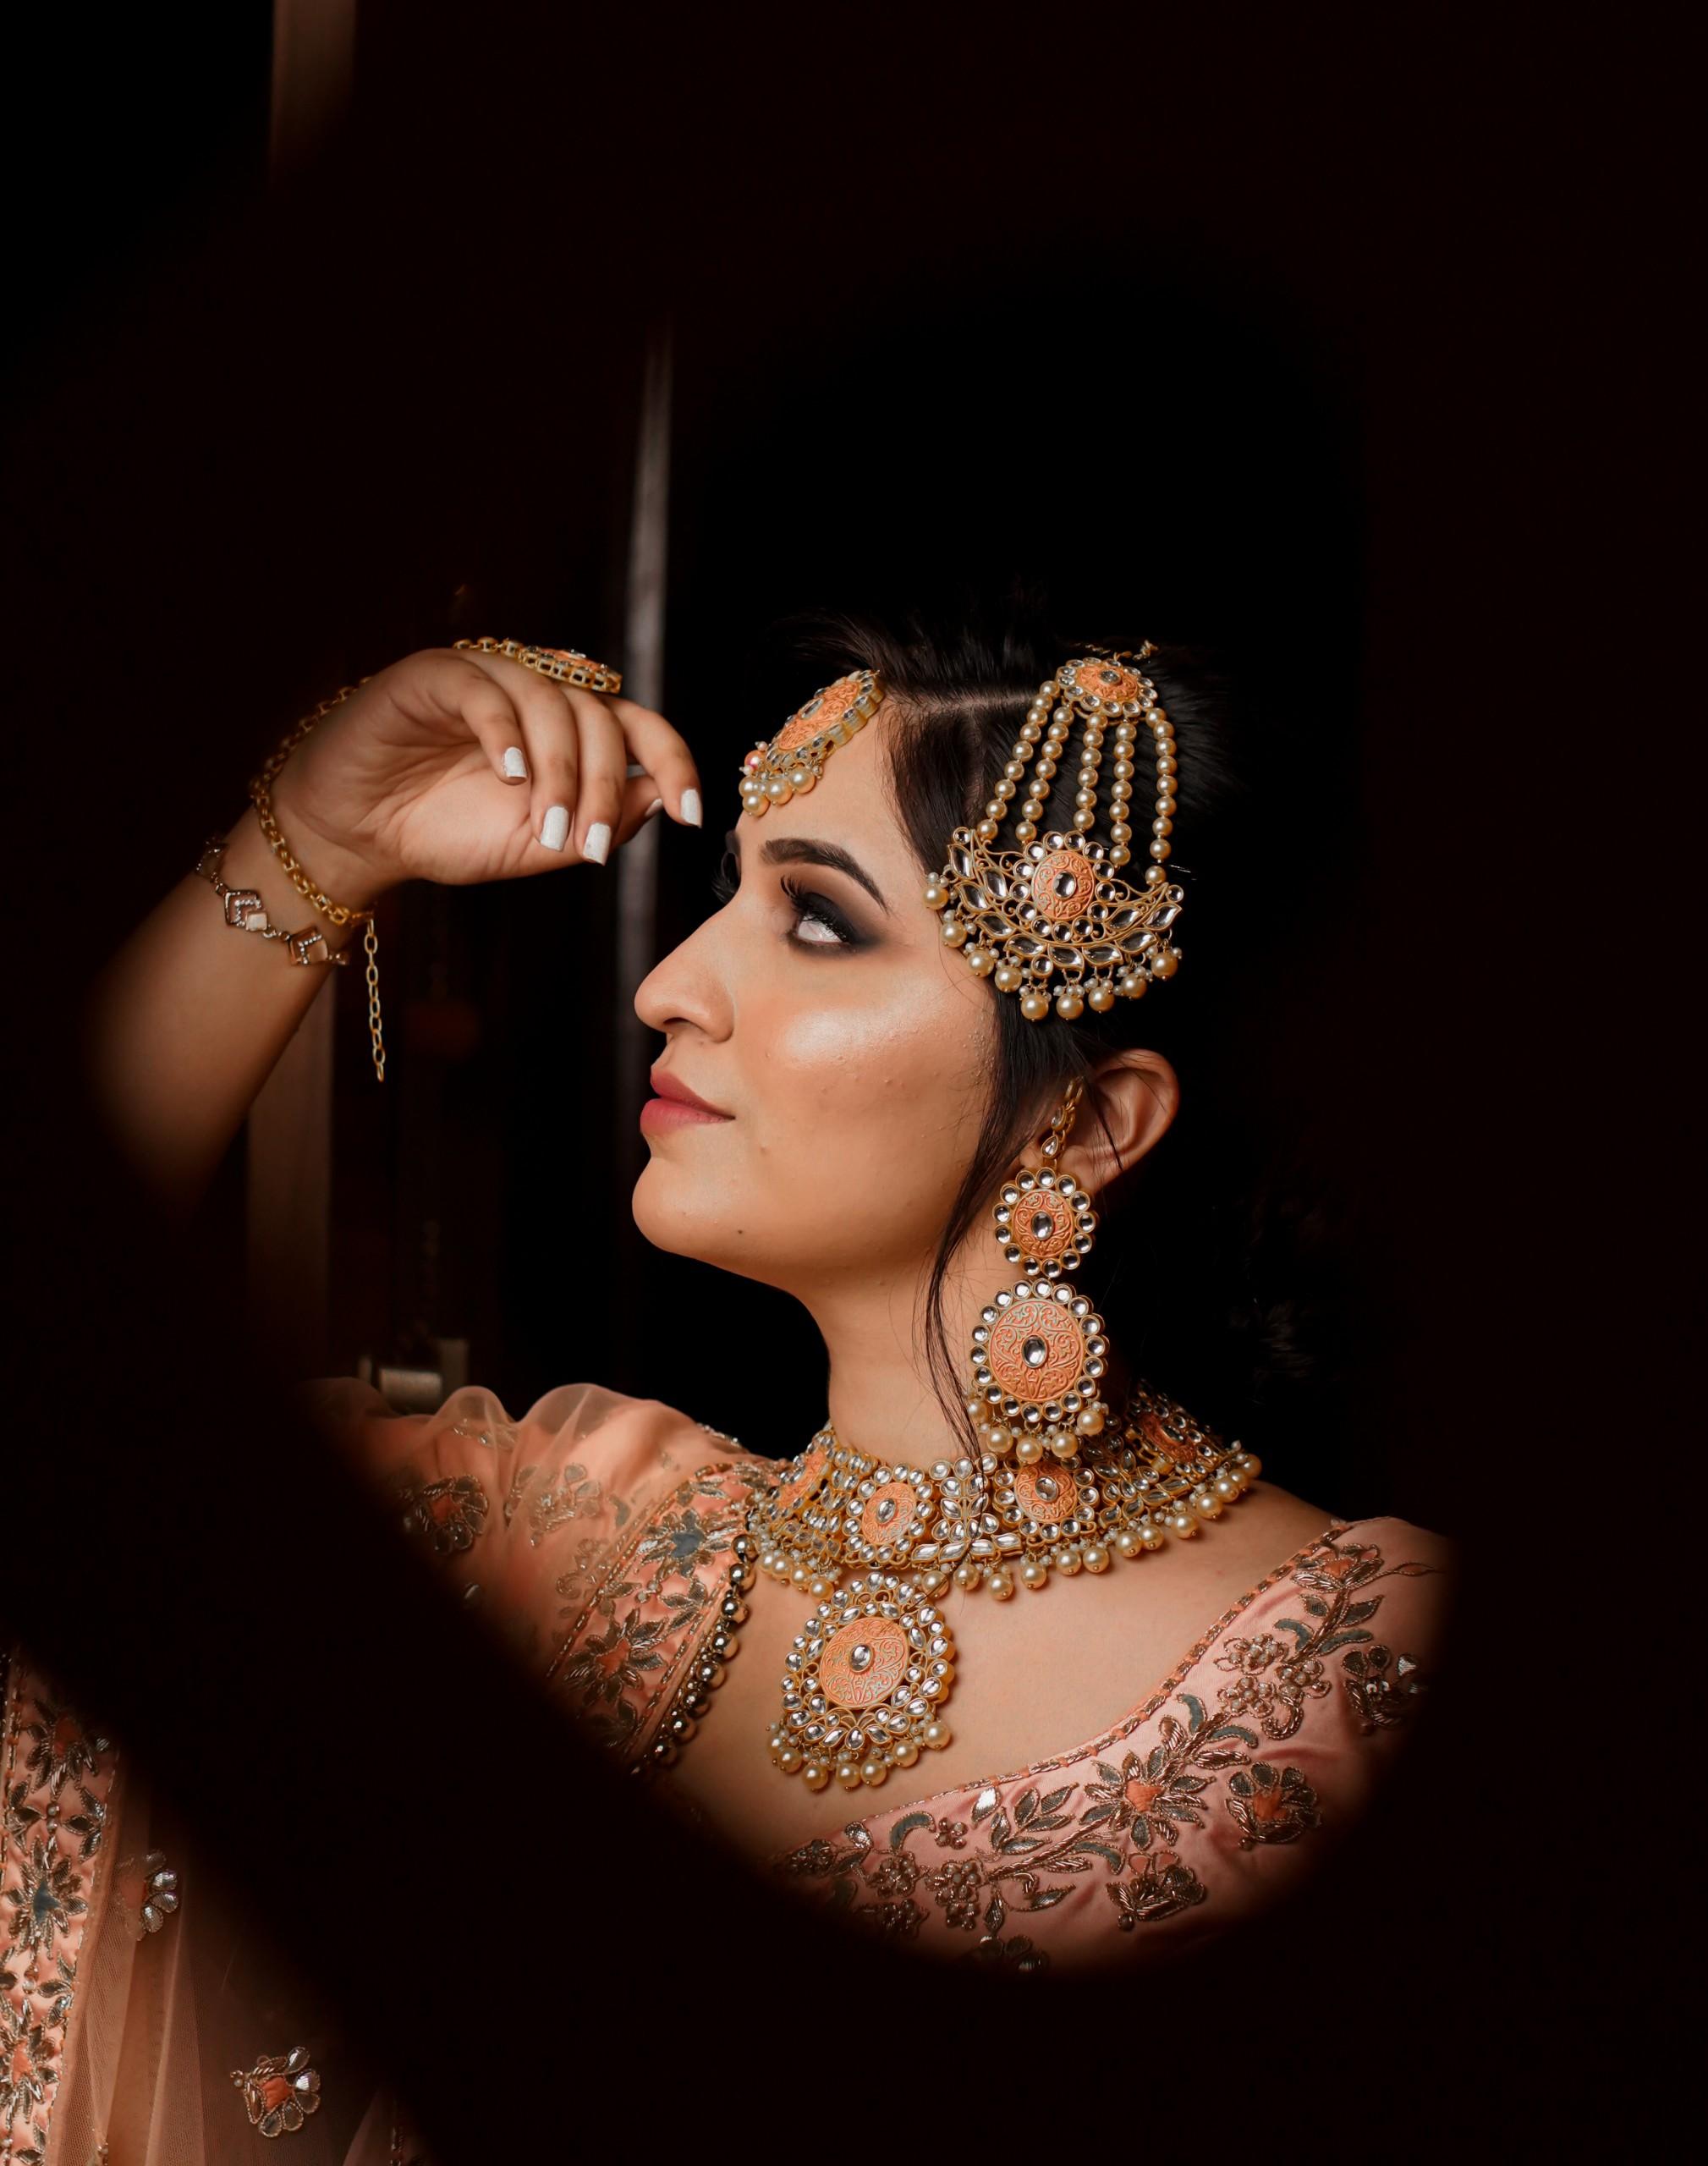 Indian Bride on Dark Background